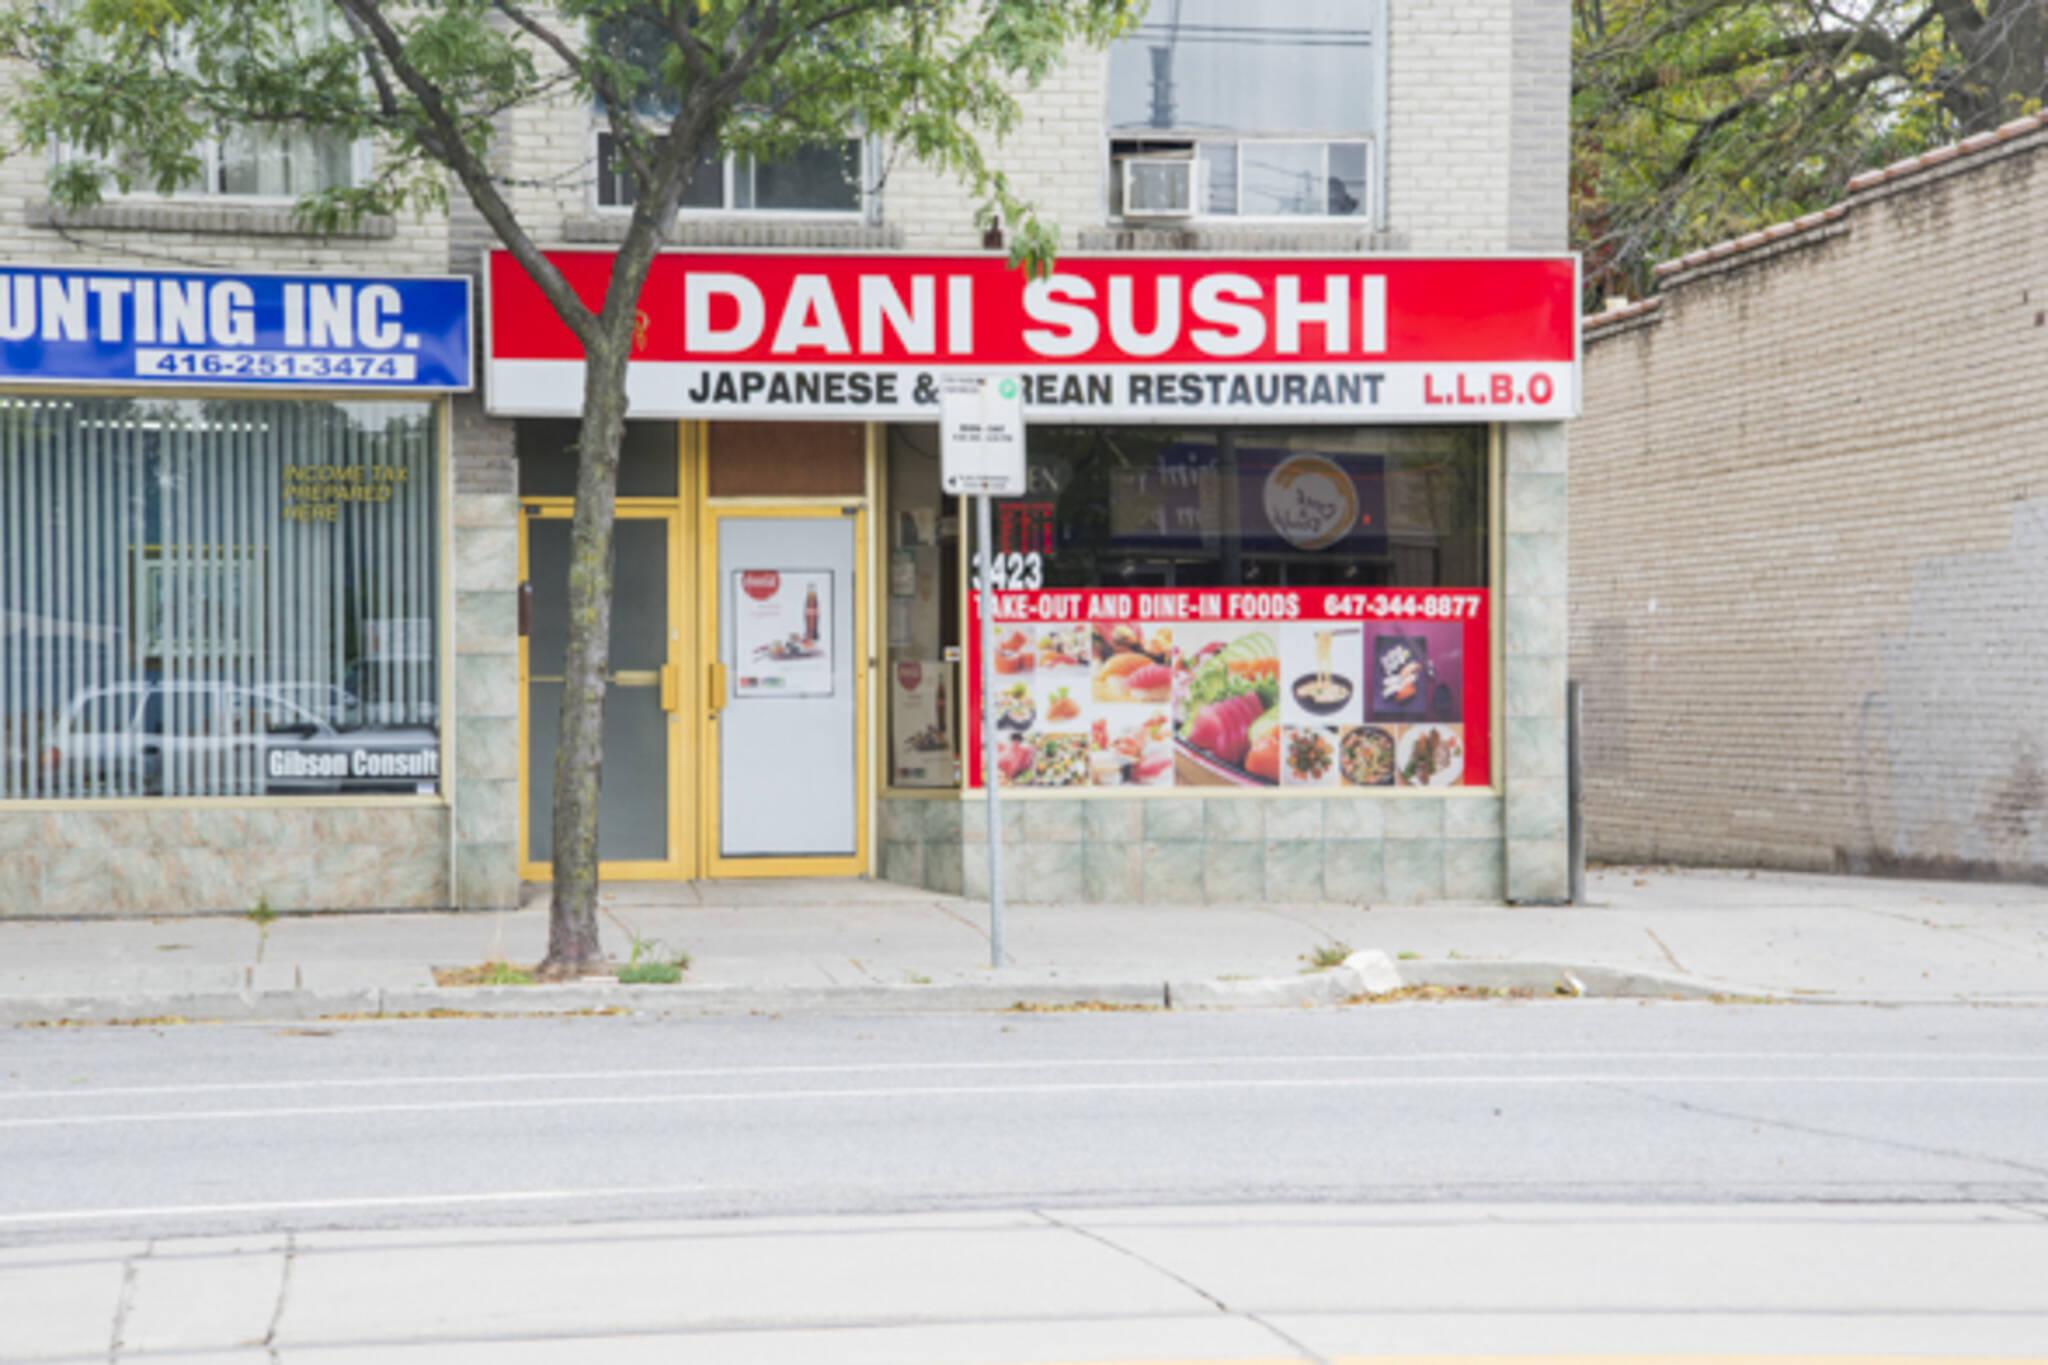 Dani Sushi Toronto